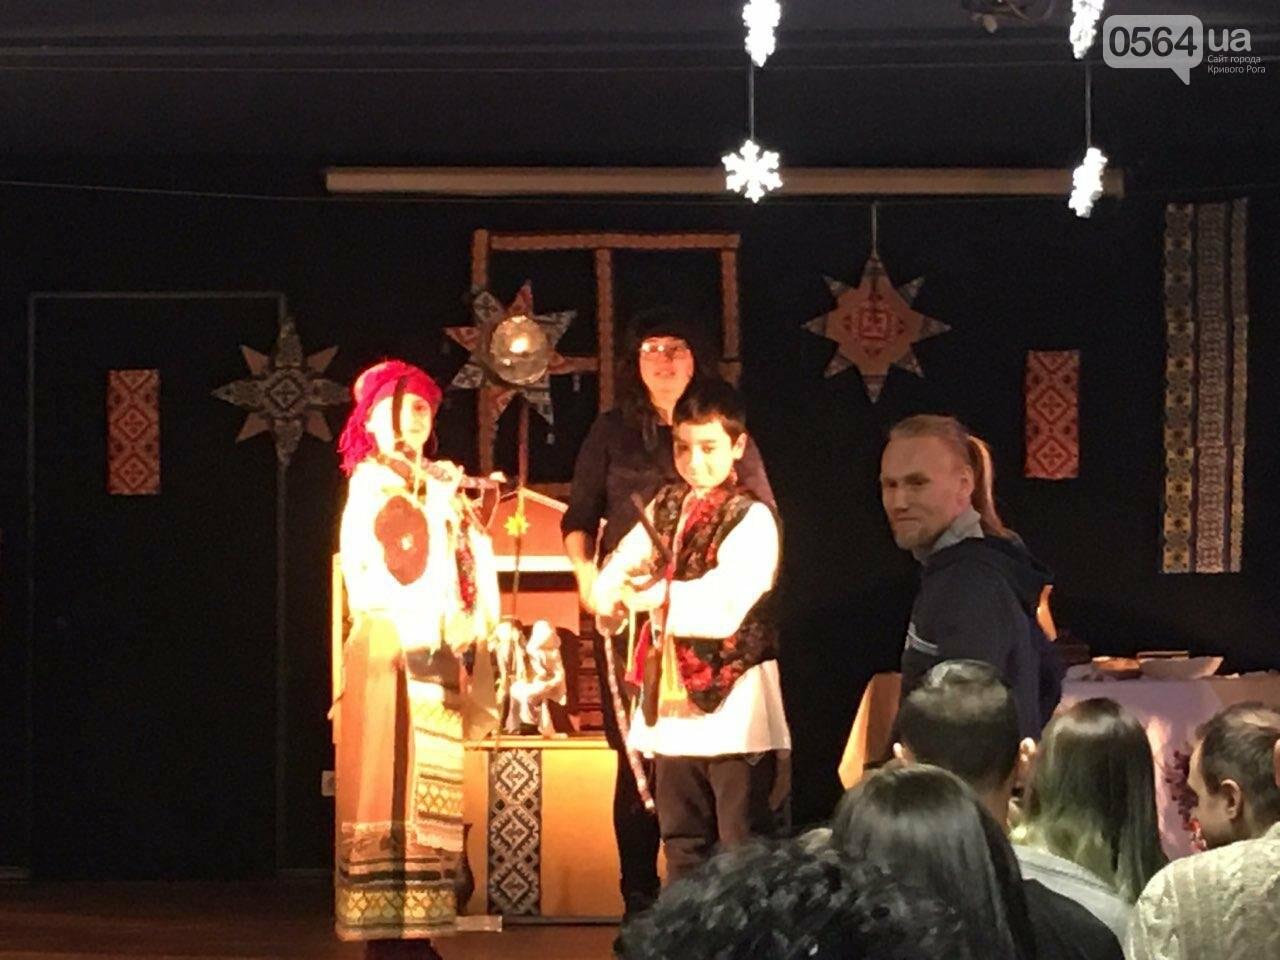 Христос рождается! В Кривом Роге показали Рождественский вертеп, - ФОТО, ВИДЕО, фото-9